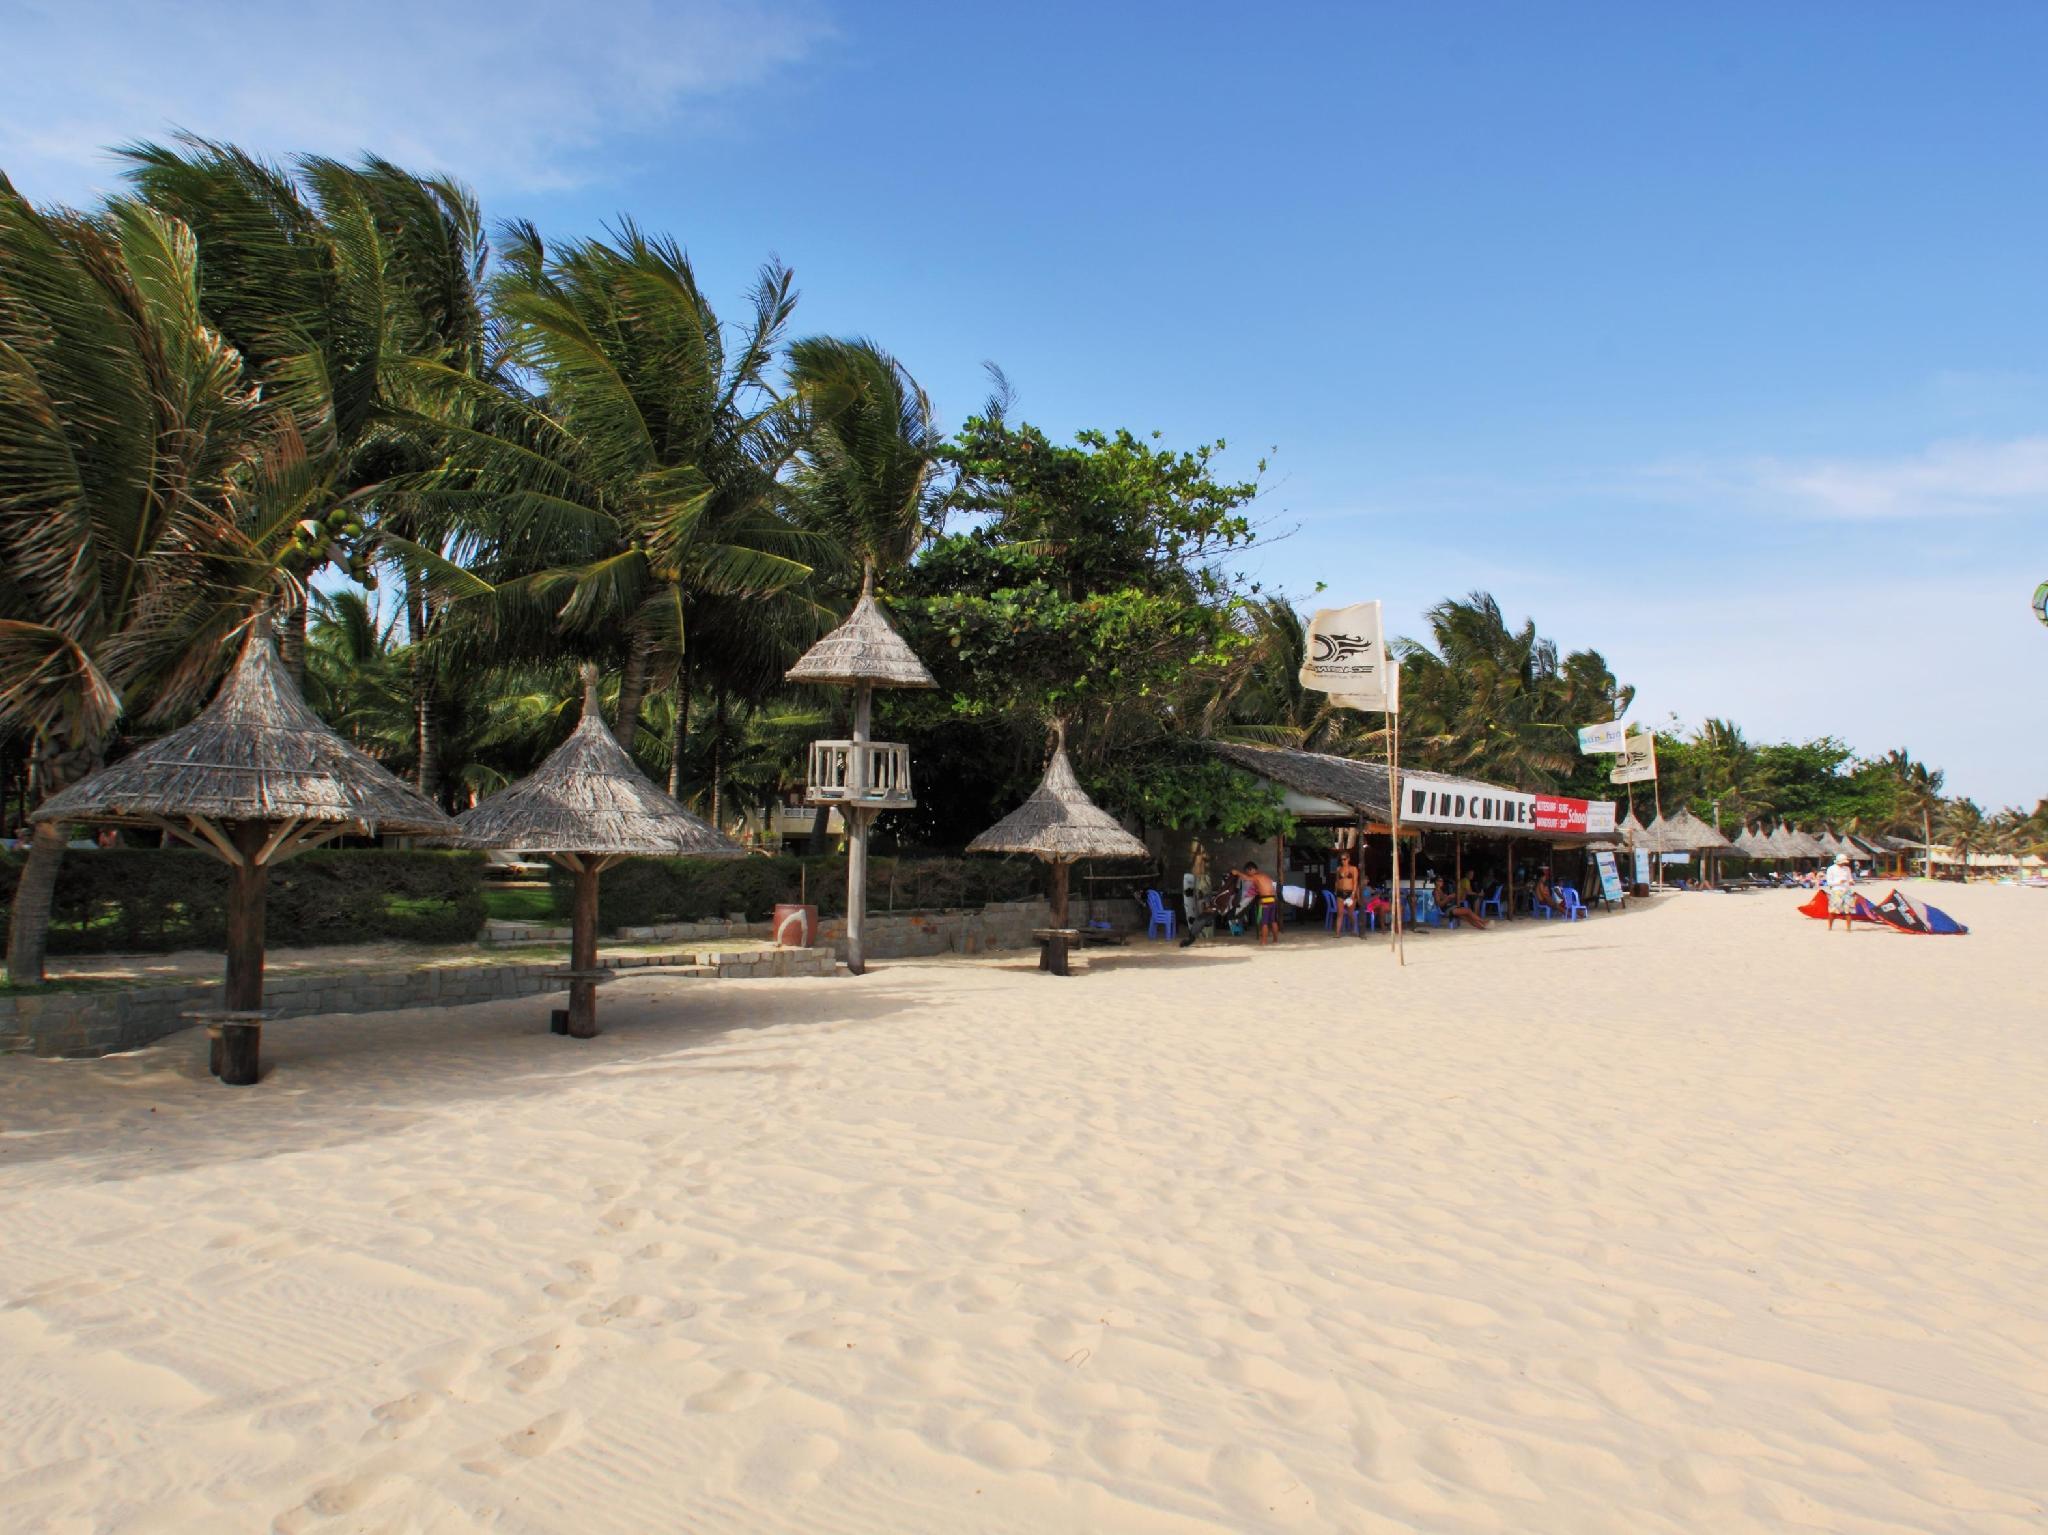 Best Price on Saigon Mui Ne Resort in Phan Thiet + Reviews!